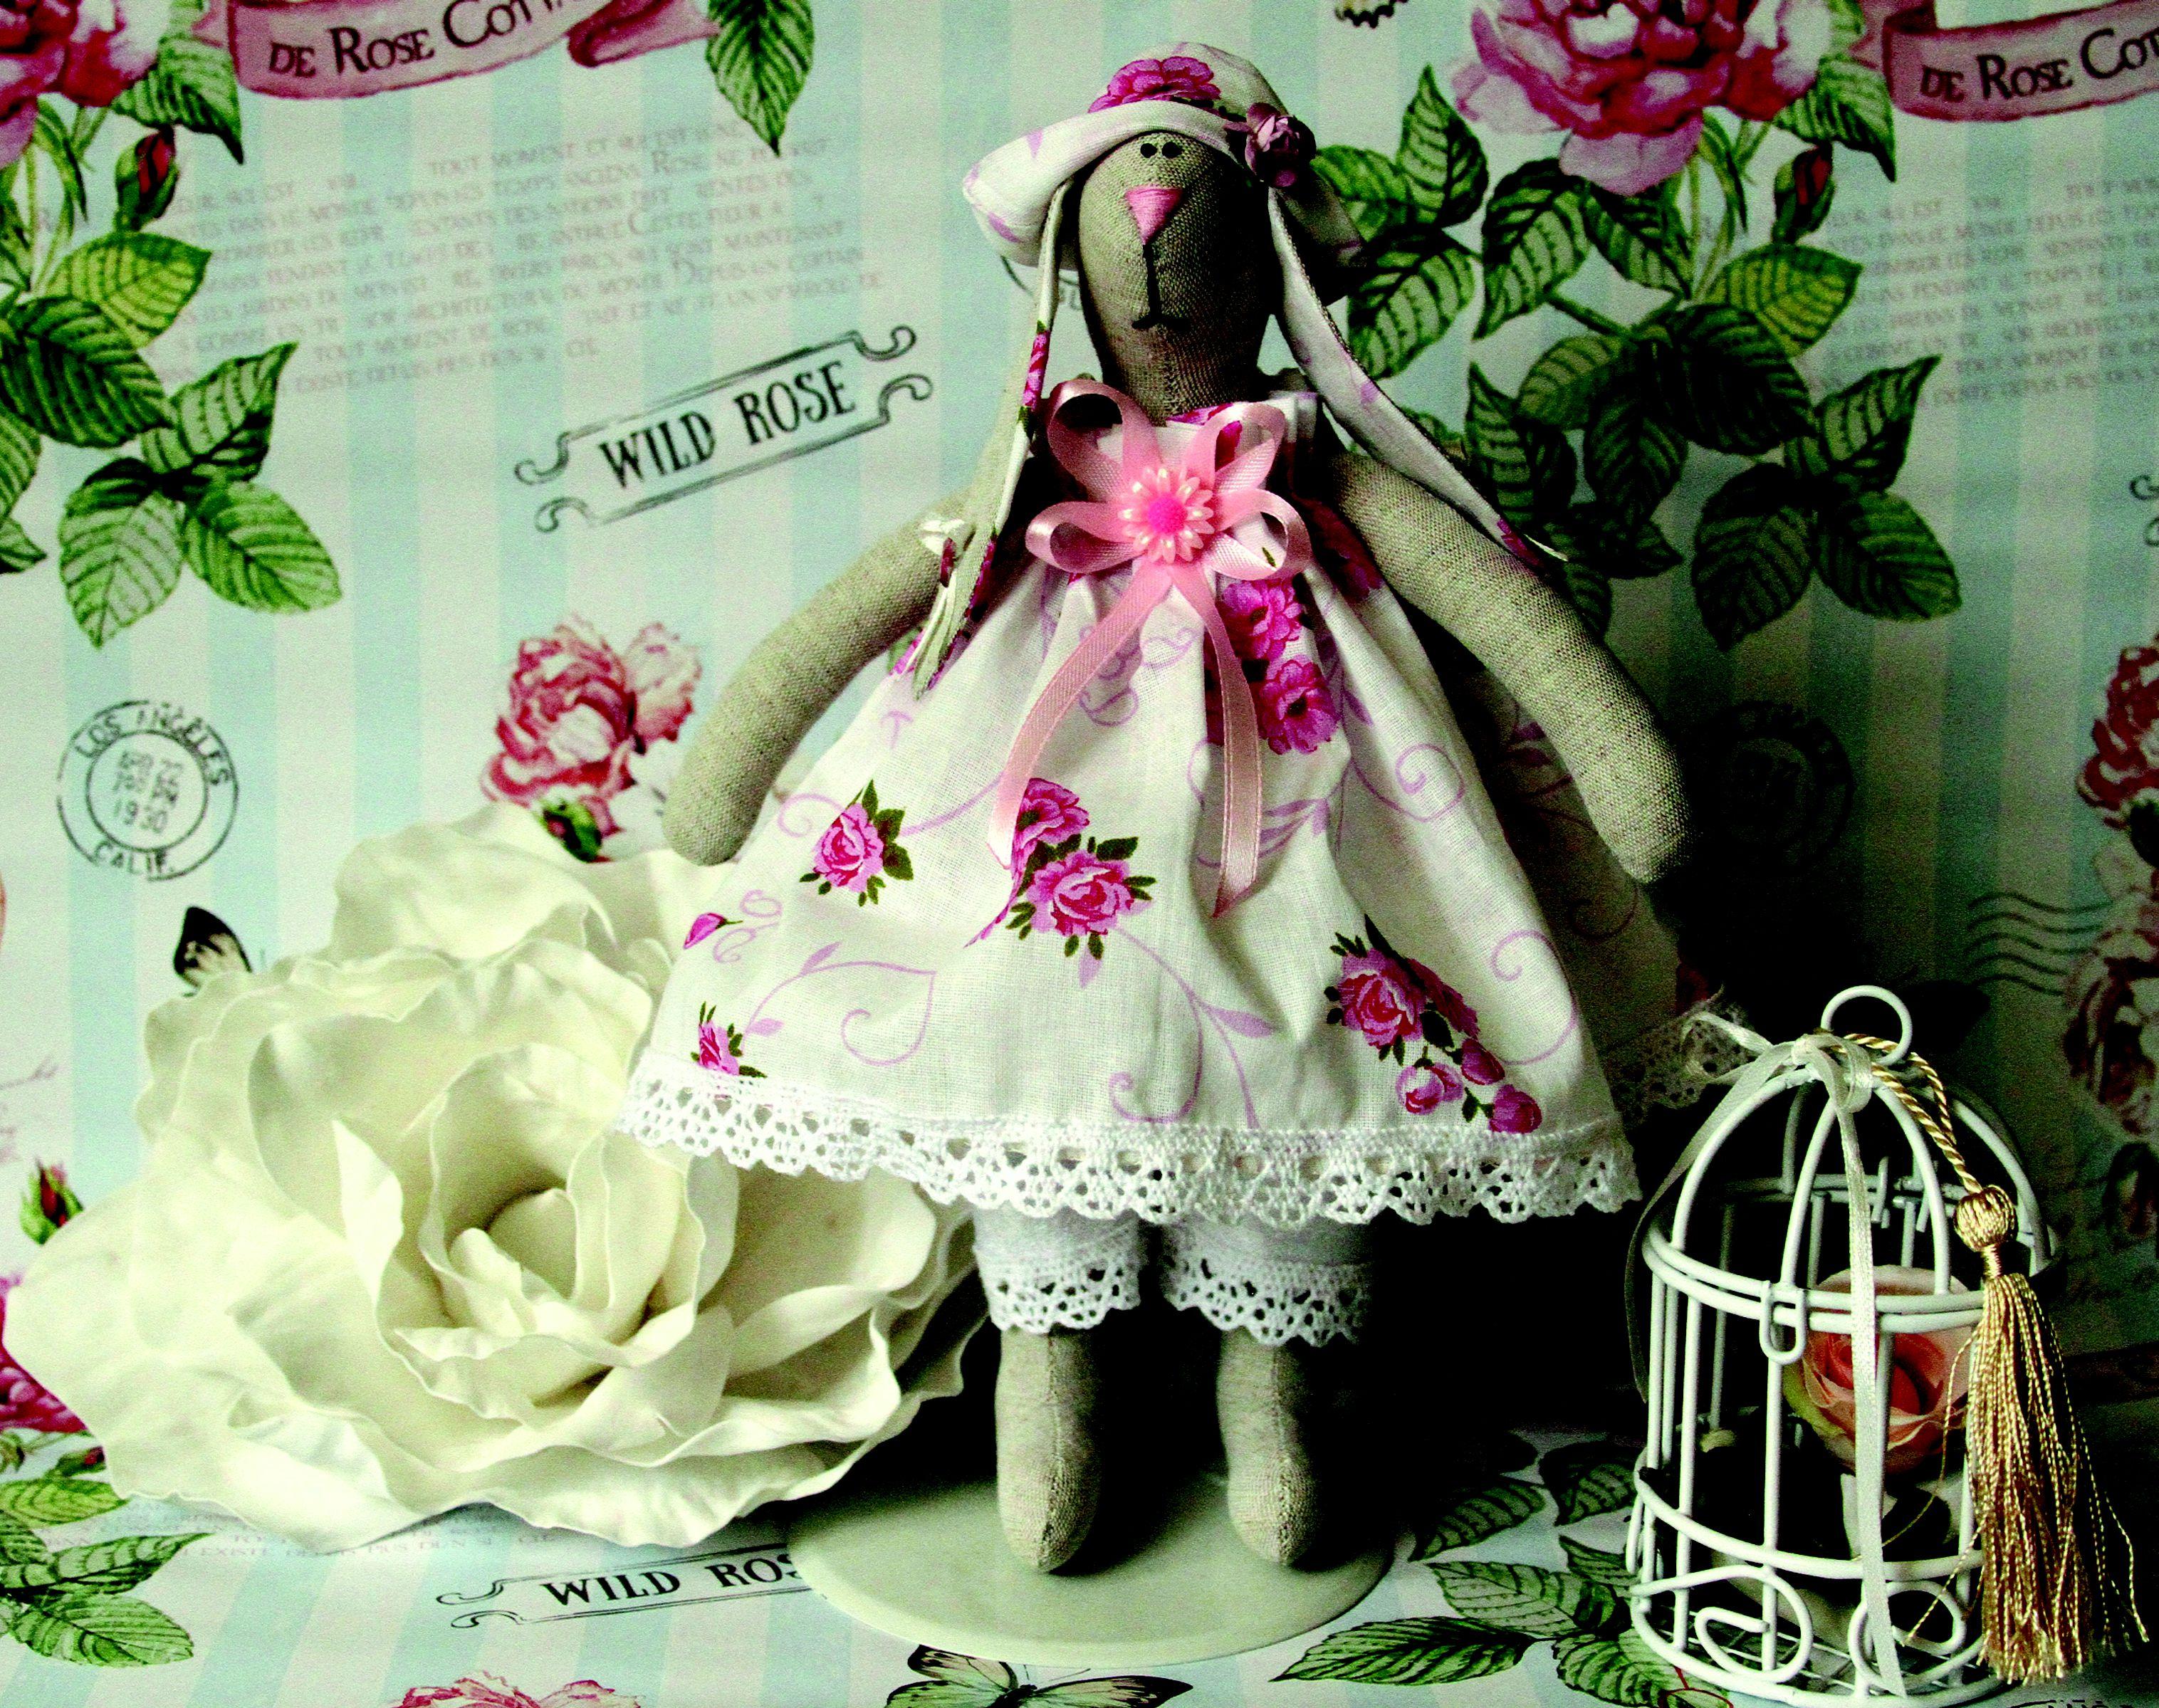 заяц handmade зайчик тильдазаяц игрушка зайка тильда тильдазайчик тильдаигрушка текстильныеигрушки игрушкиручнойработы игрушкиназаказ тильдазайка игрушкаизткани ручнаяработа